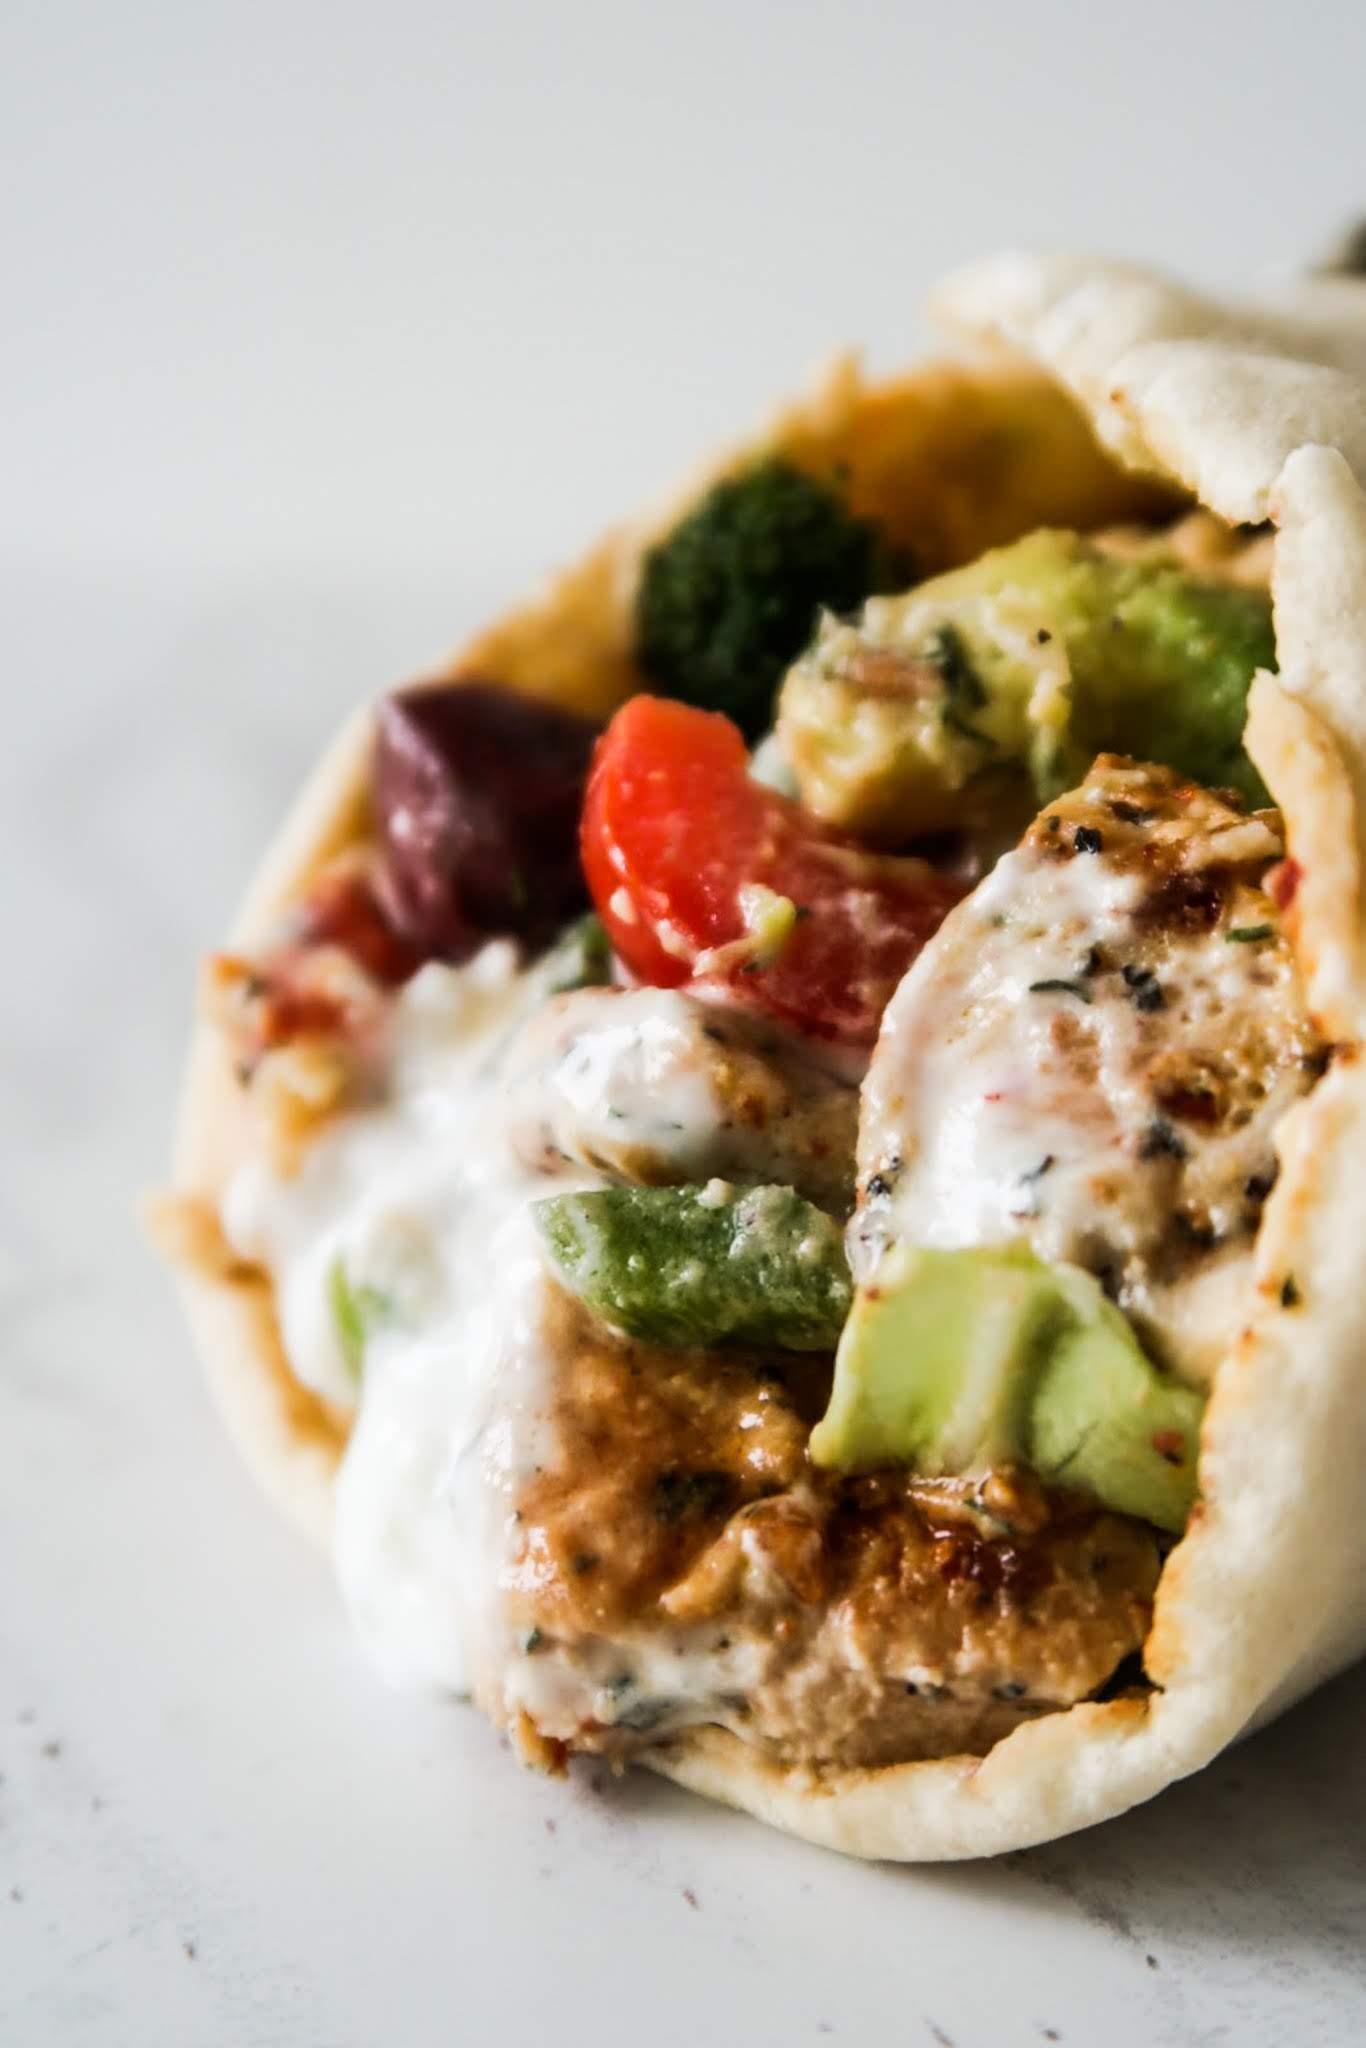 Mediterranean chicken wrap - healthy dinner recipe